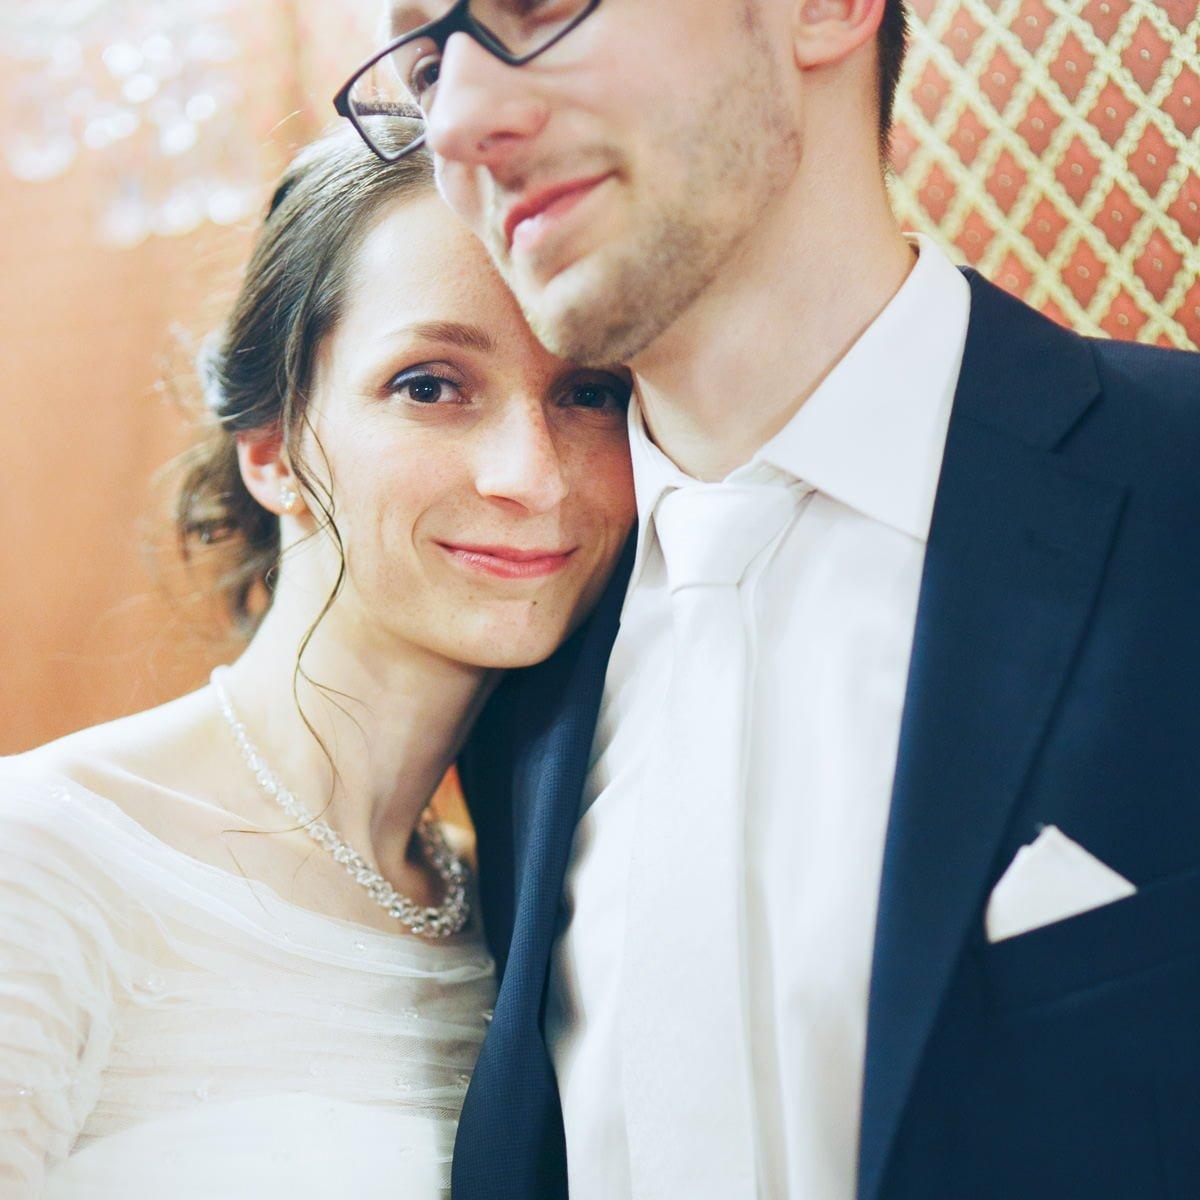 fotograf slub bielsko biala ania maciej 128 - Ślub w Bielsku-Białej - ANIA & MACIEJ